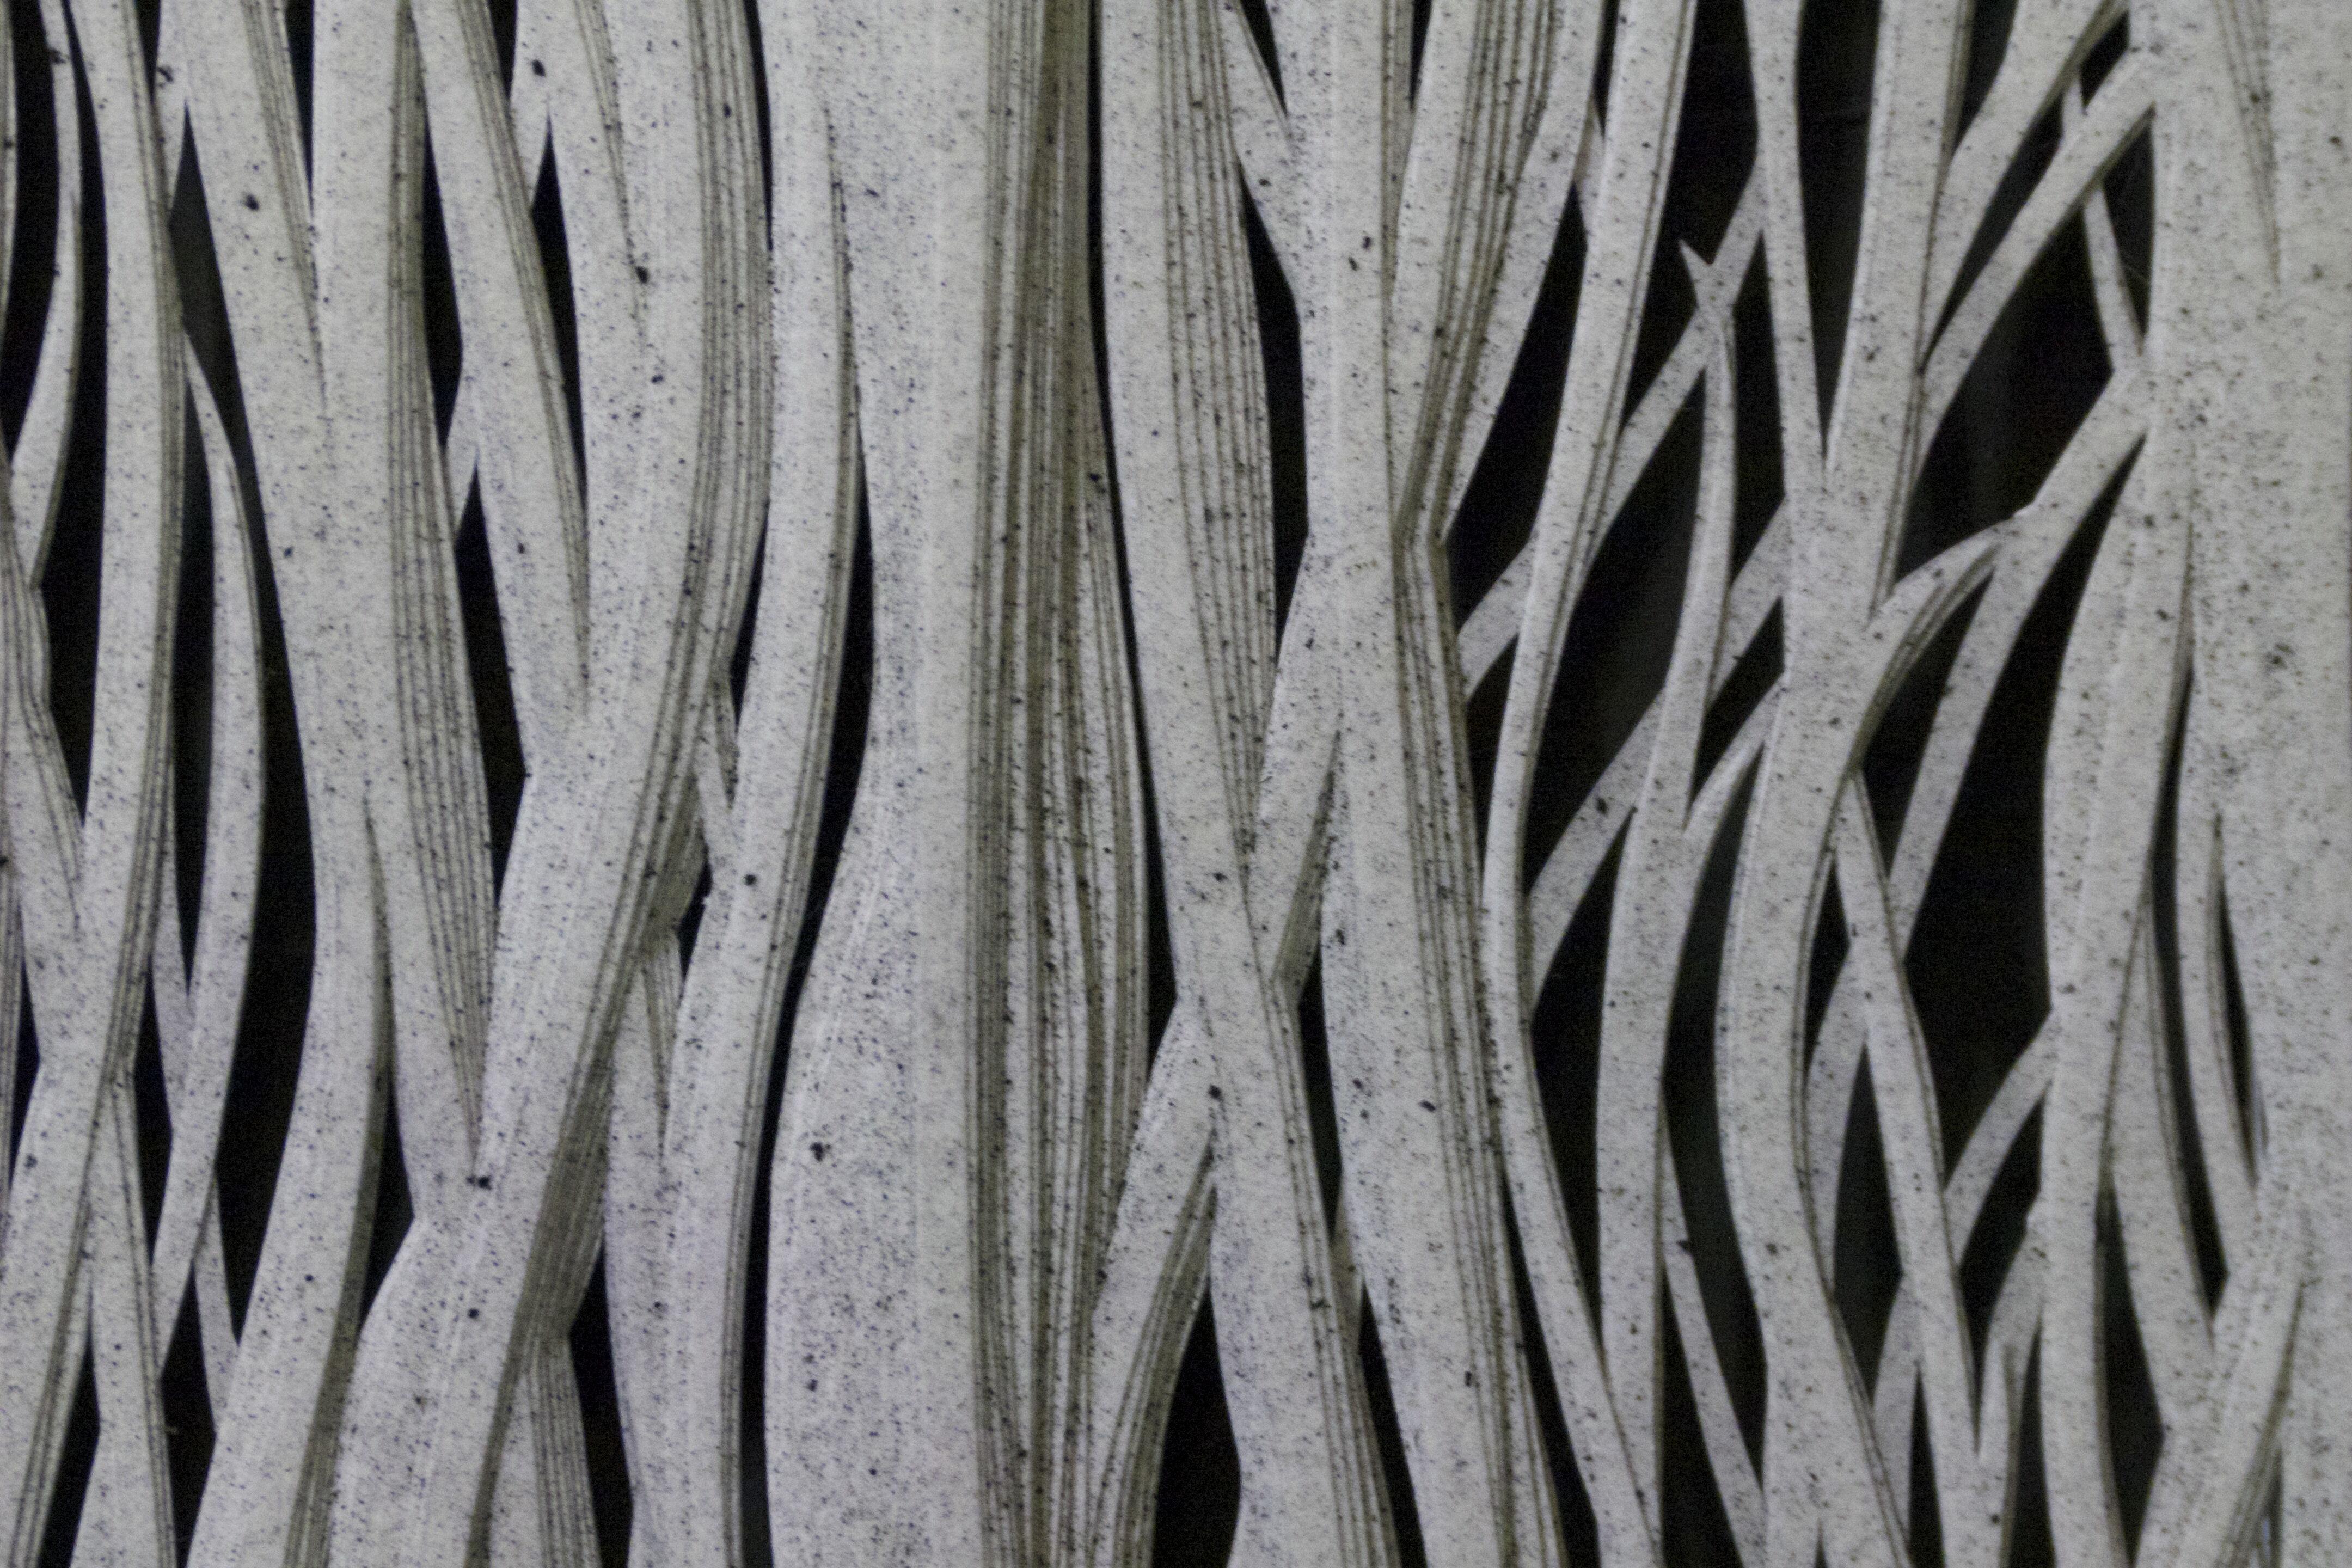 Grass Whispering Secrets (detail)